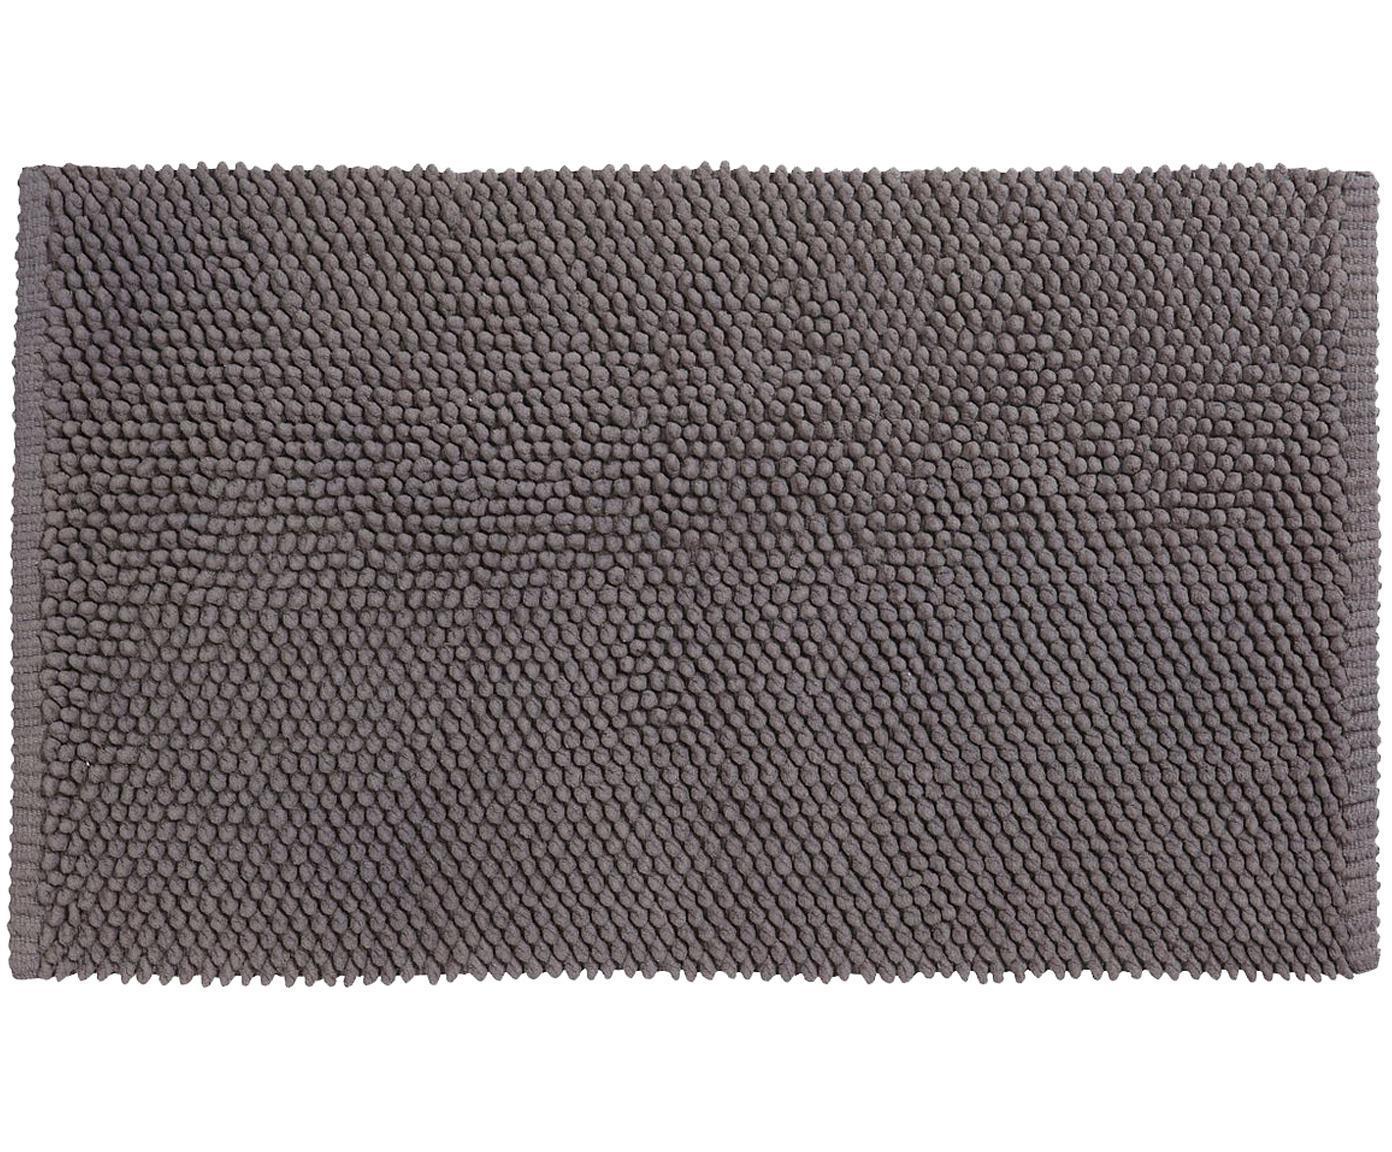 Tappeto bagno grigio scuro Anja, Cotone, Grigio scuro, Larg. 50 x Lung. 80 cm